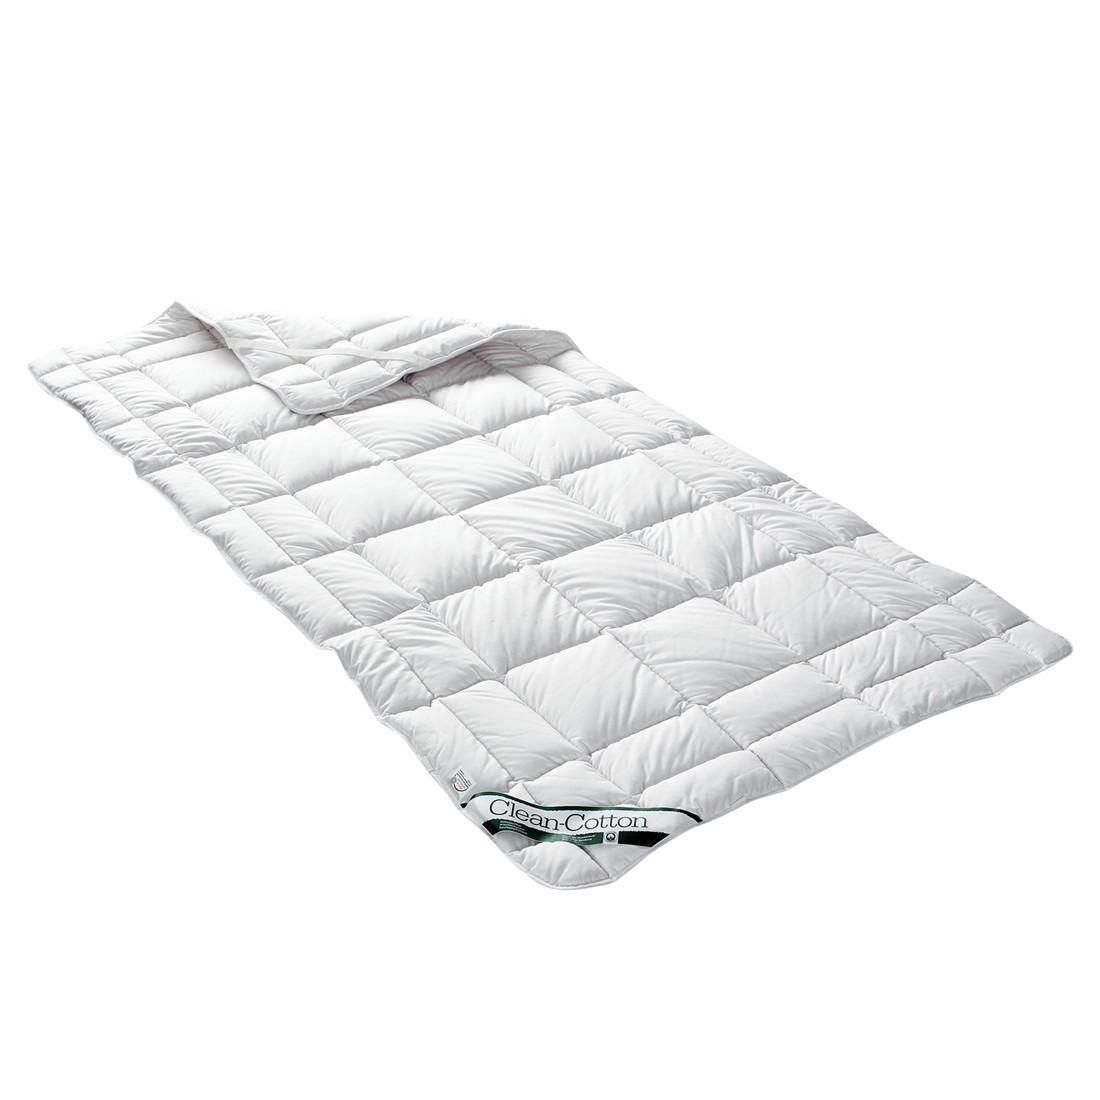 Spannauflage Clean Cotton